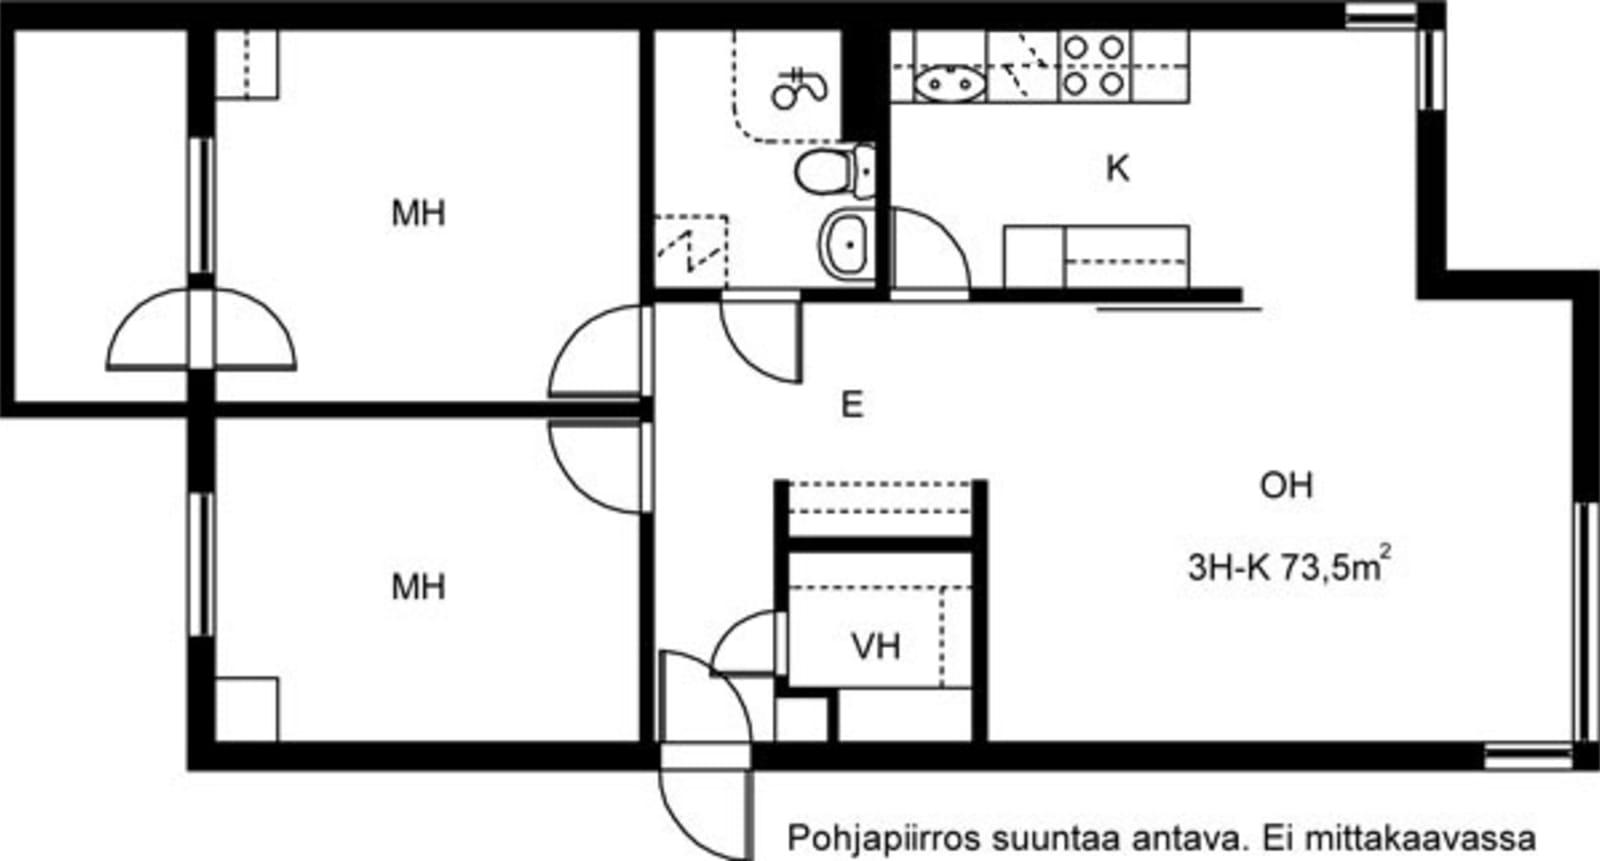 Helsinki, Katajanokka, Matruusinkatu 2 B 018